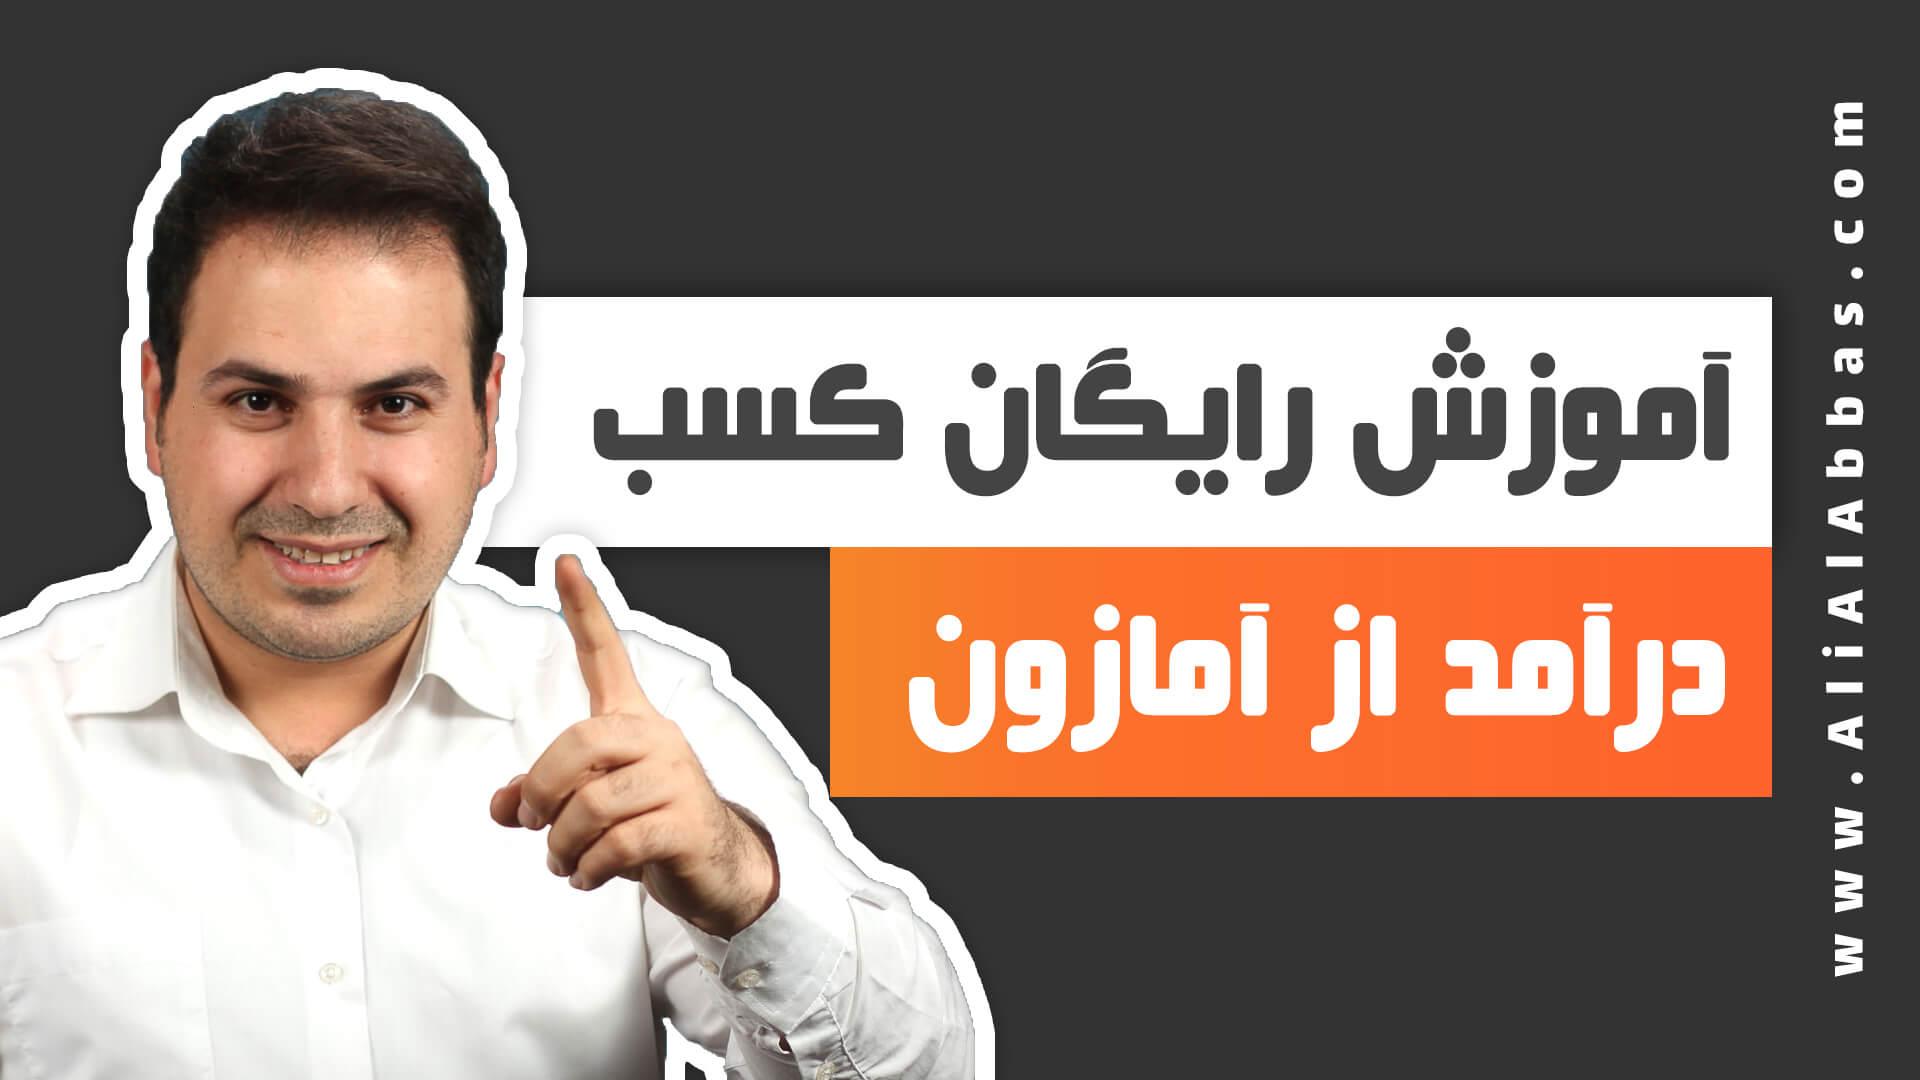 علی آل عباس - آموزش رایگان کسب درآمد از امازون